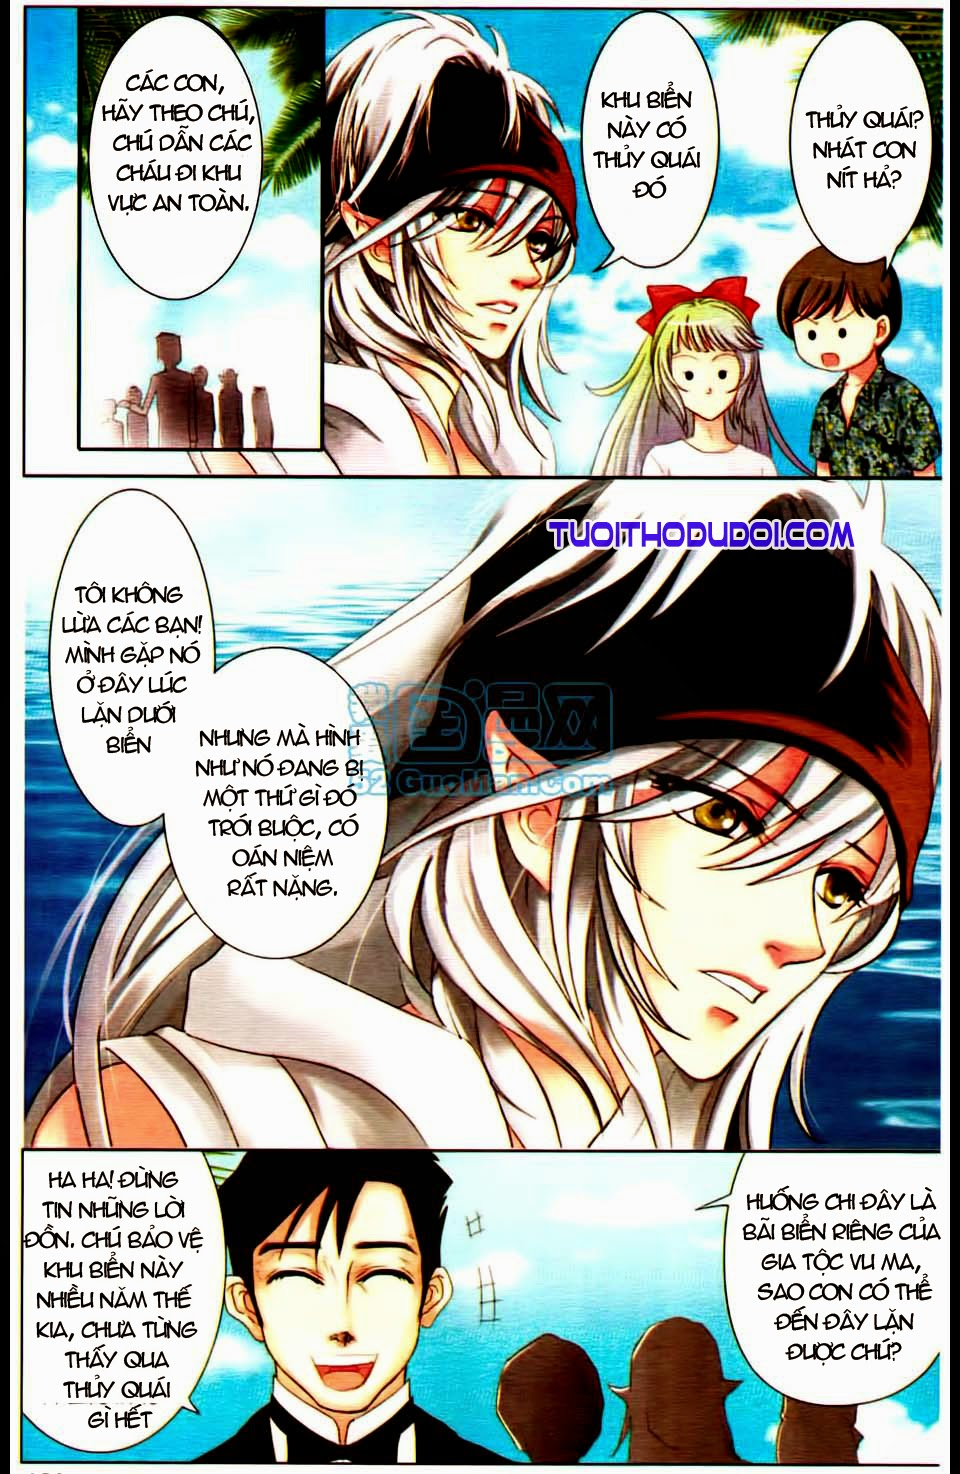 Ngư Tổ Thần Châu Chap 6 - Next Chap 7